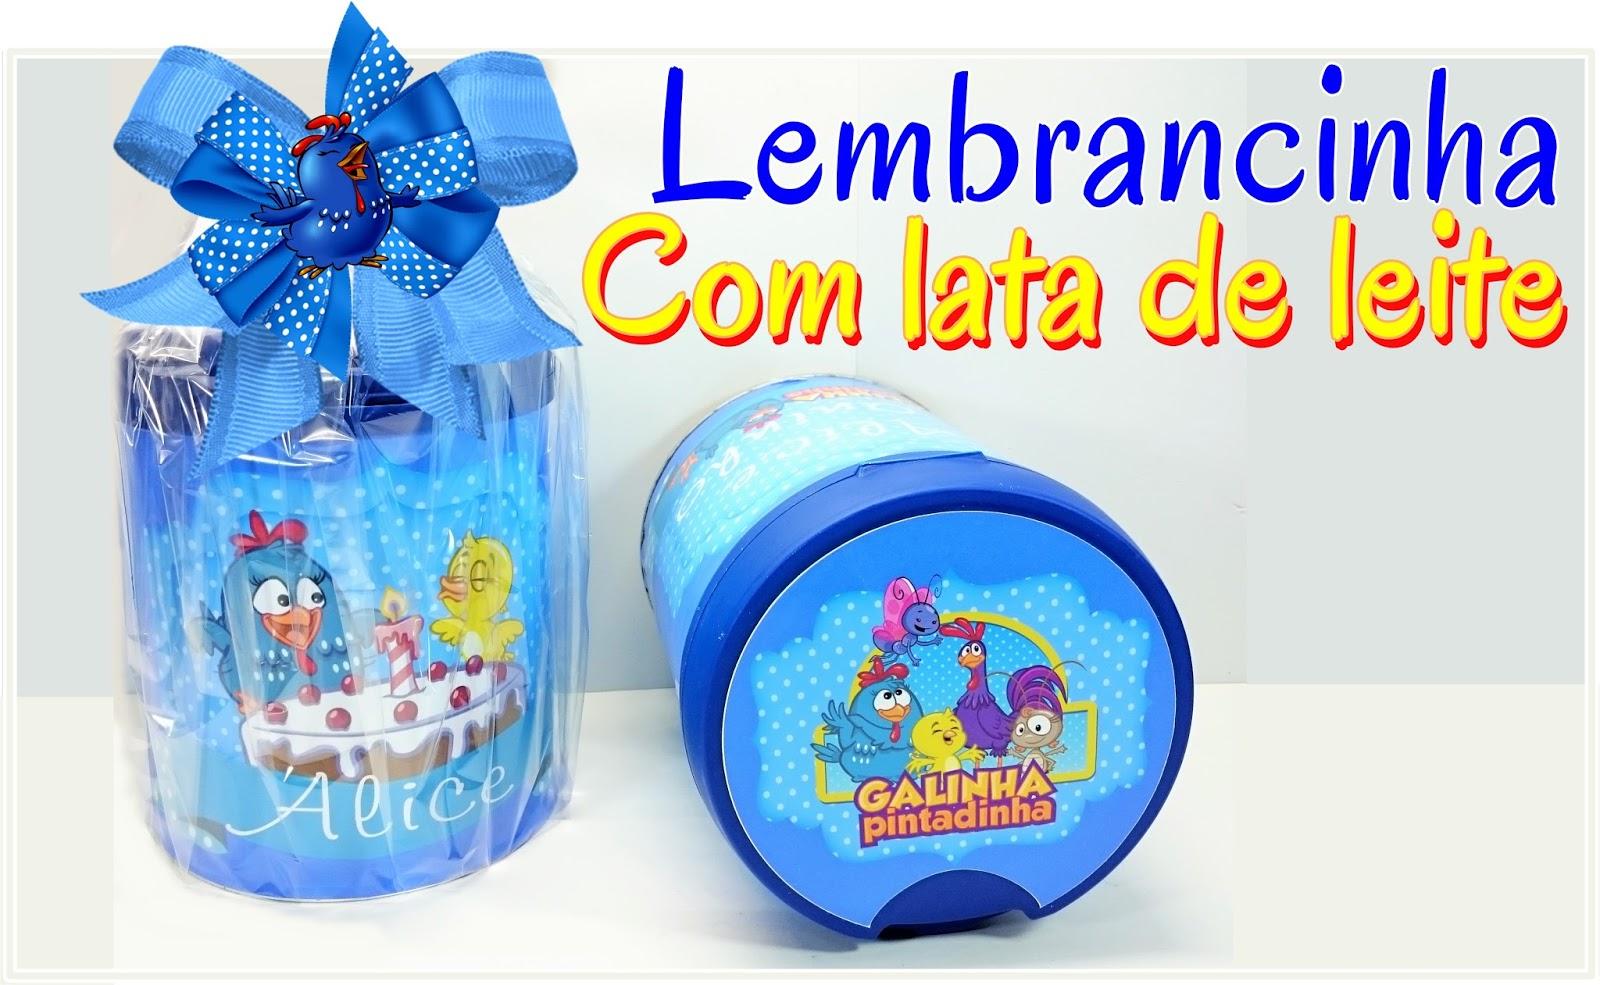 Adesivo De Lembrancinha Da Galinha Pintadinha ~ Artesanato Viviane Magalh u00e3es COMO FAZER LEMBRANCINHAS LINDAS COM LATAS DE LEITE